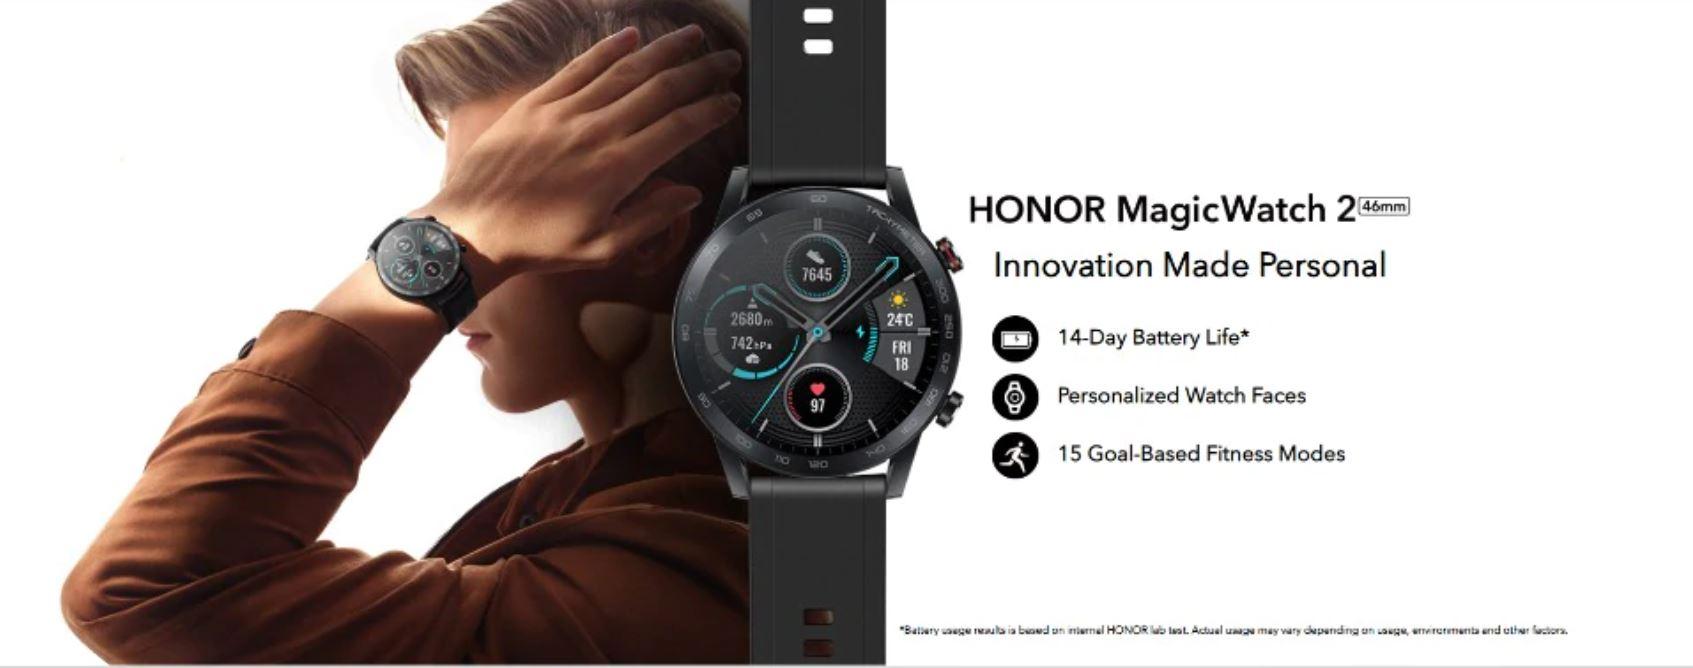 Smartwatche z Aliexpress - bogata oferta w rewelacyjnie niskich cenach - HONOR MagicWatch 2